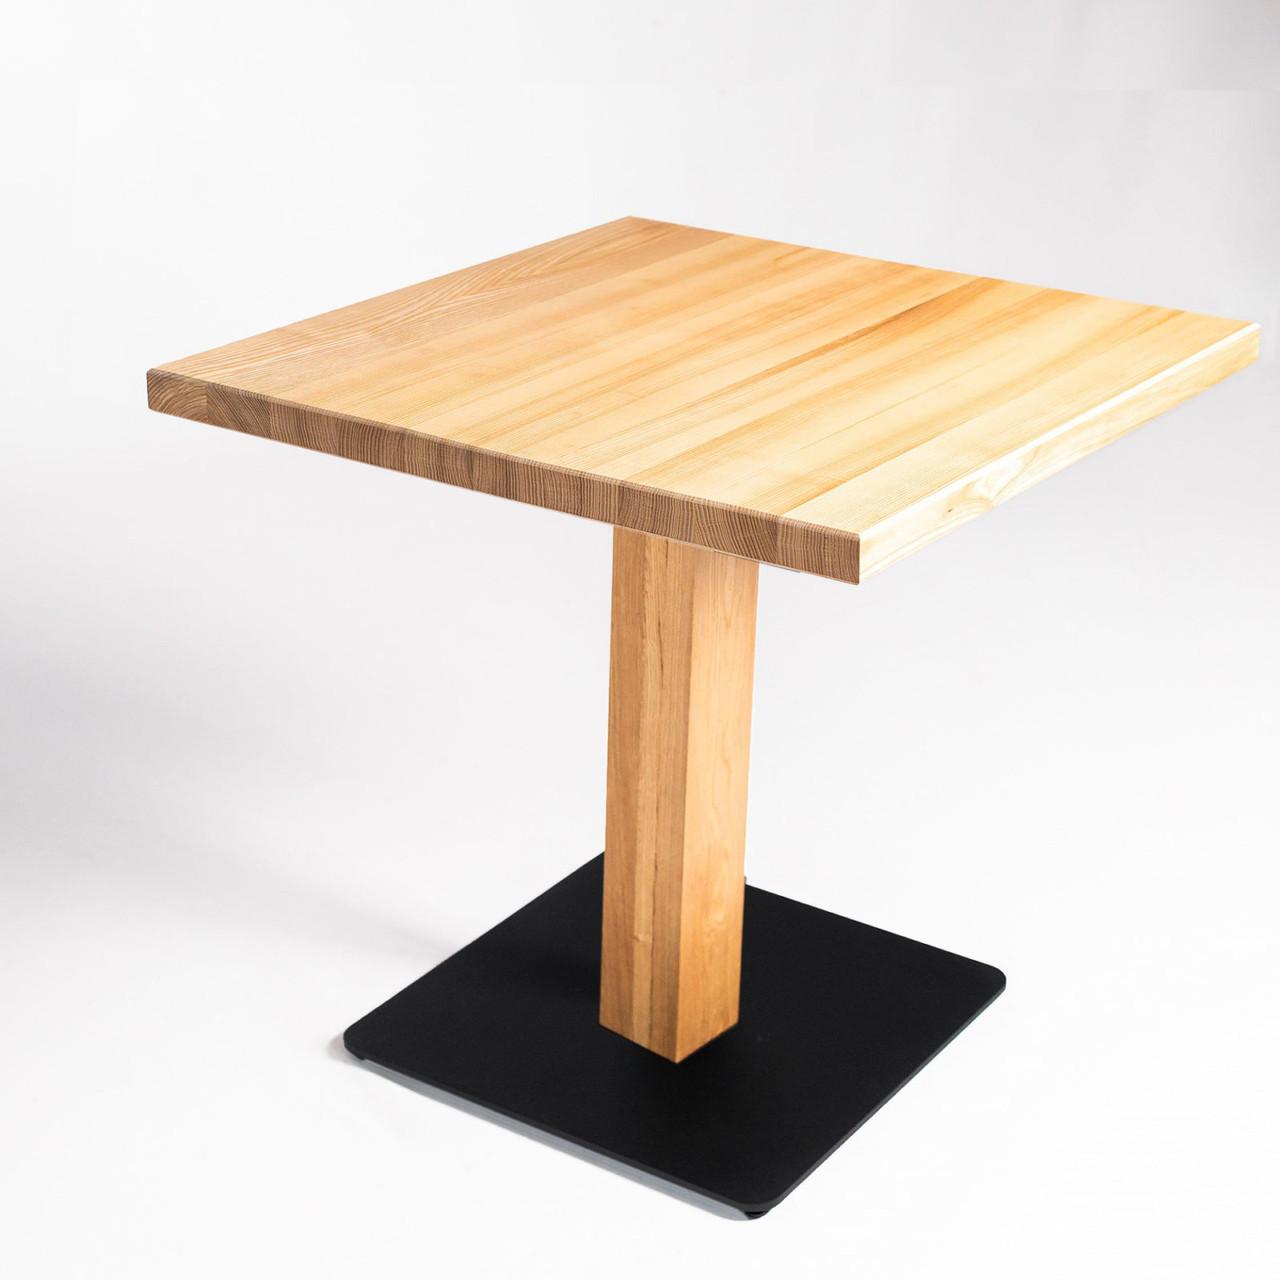 Столики для завтрака в кафе бар ресторан из массива дерева и металла Ho Re Ca